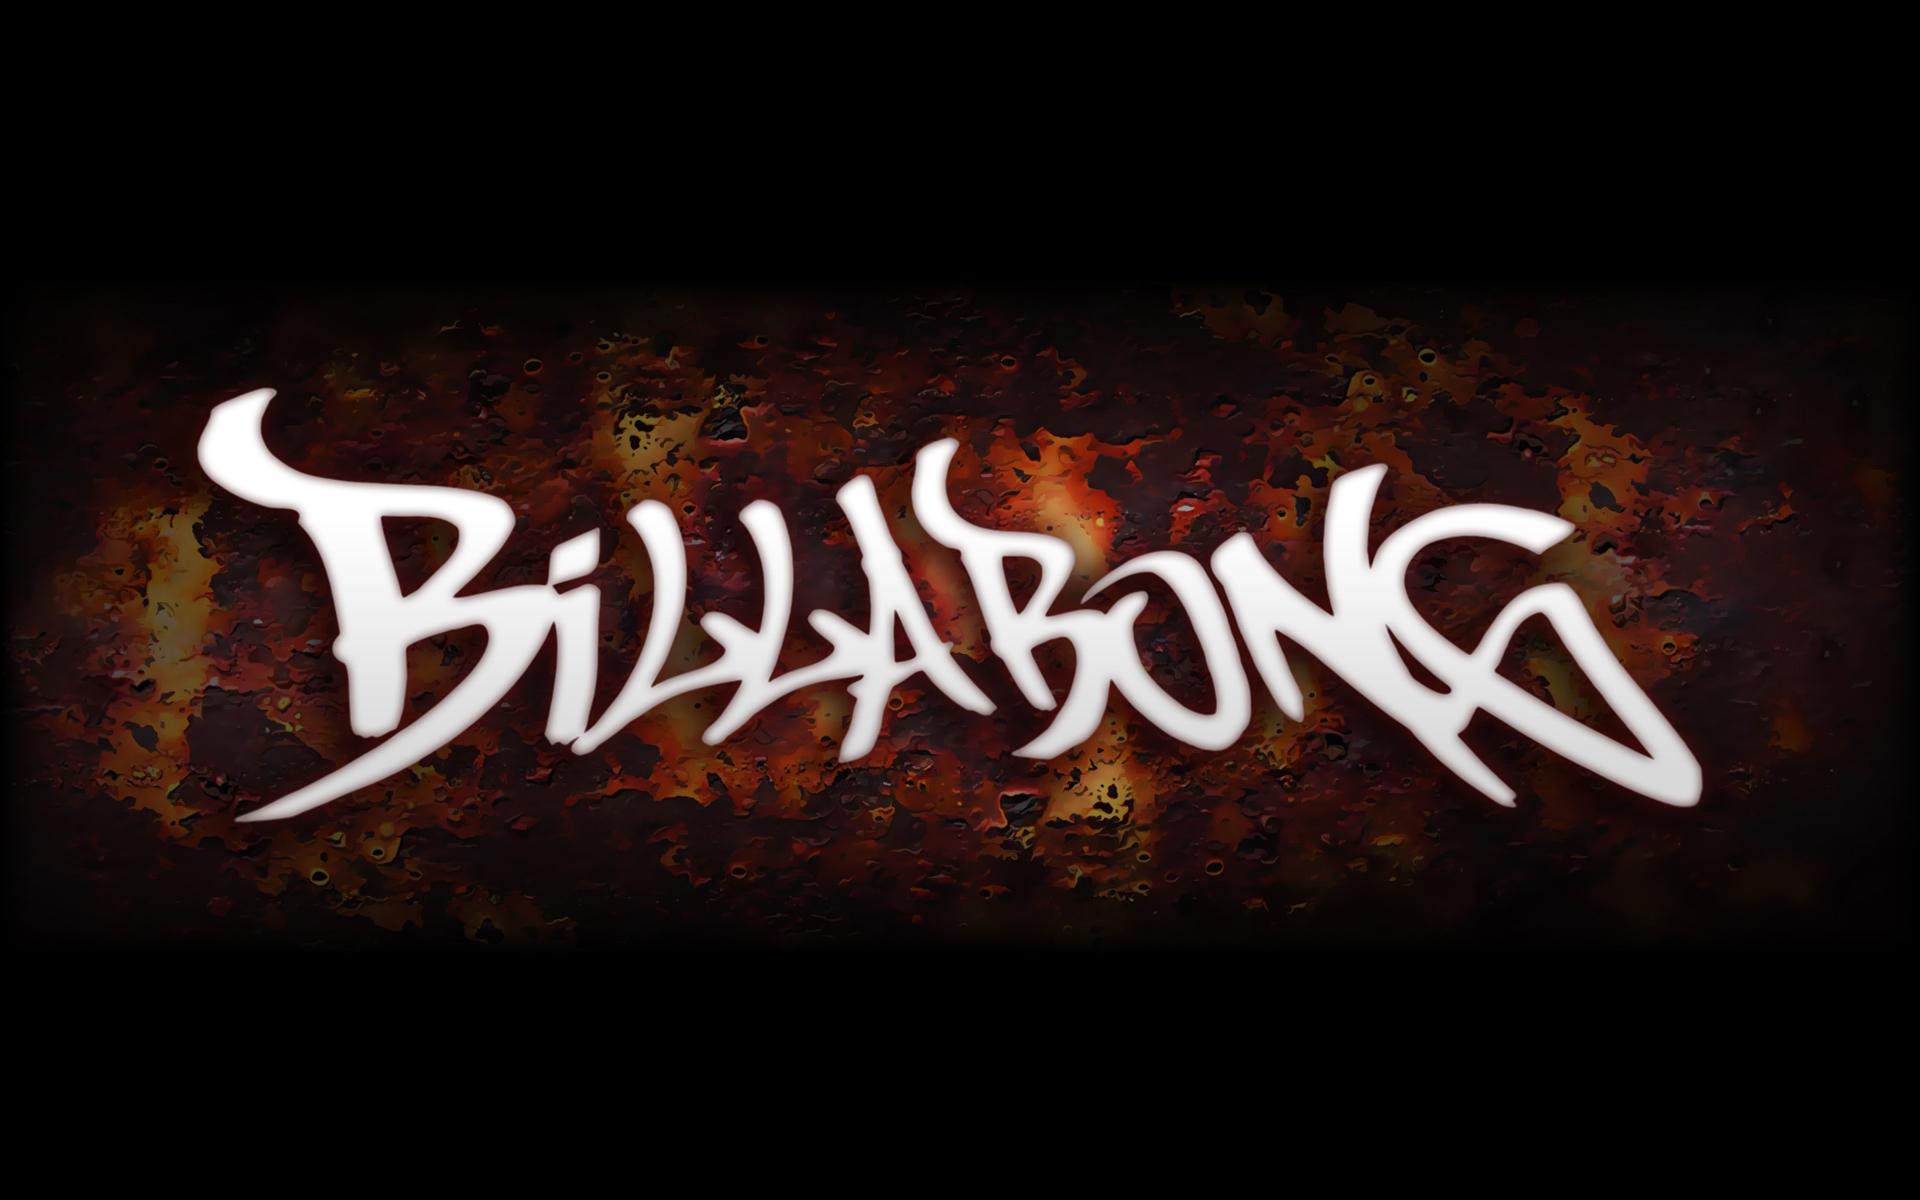 Billabong Logo Wallpaper images 1920x1200